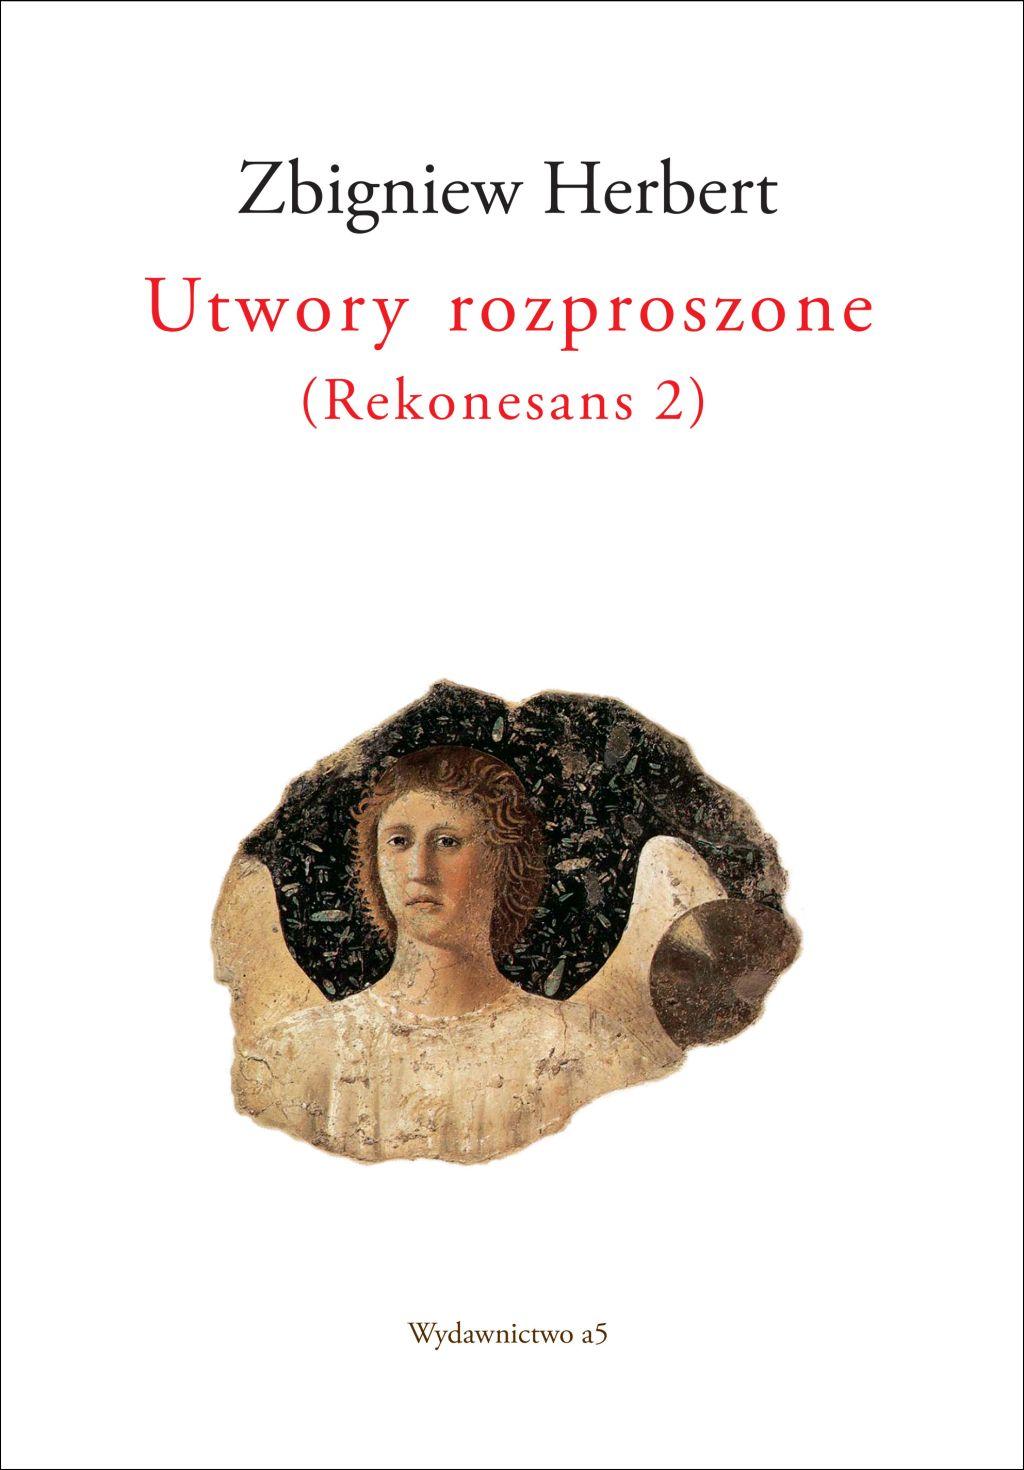 """Zbigniew Herbert, """"Utwory rozproszone (Rekonesans 2)"""" (źródło: materiały prasowe wydawnictwa)"""